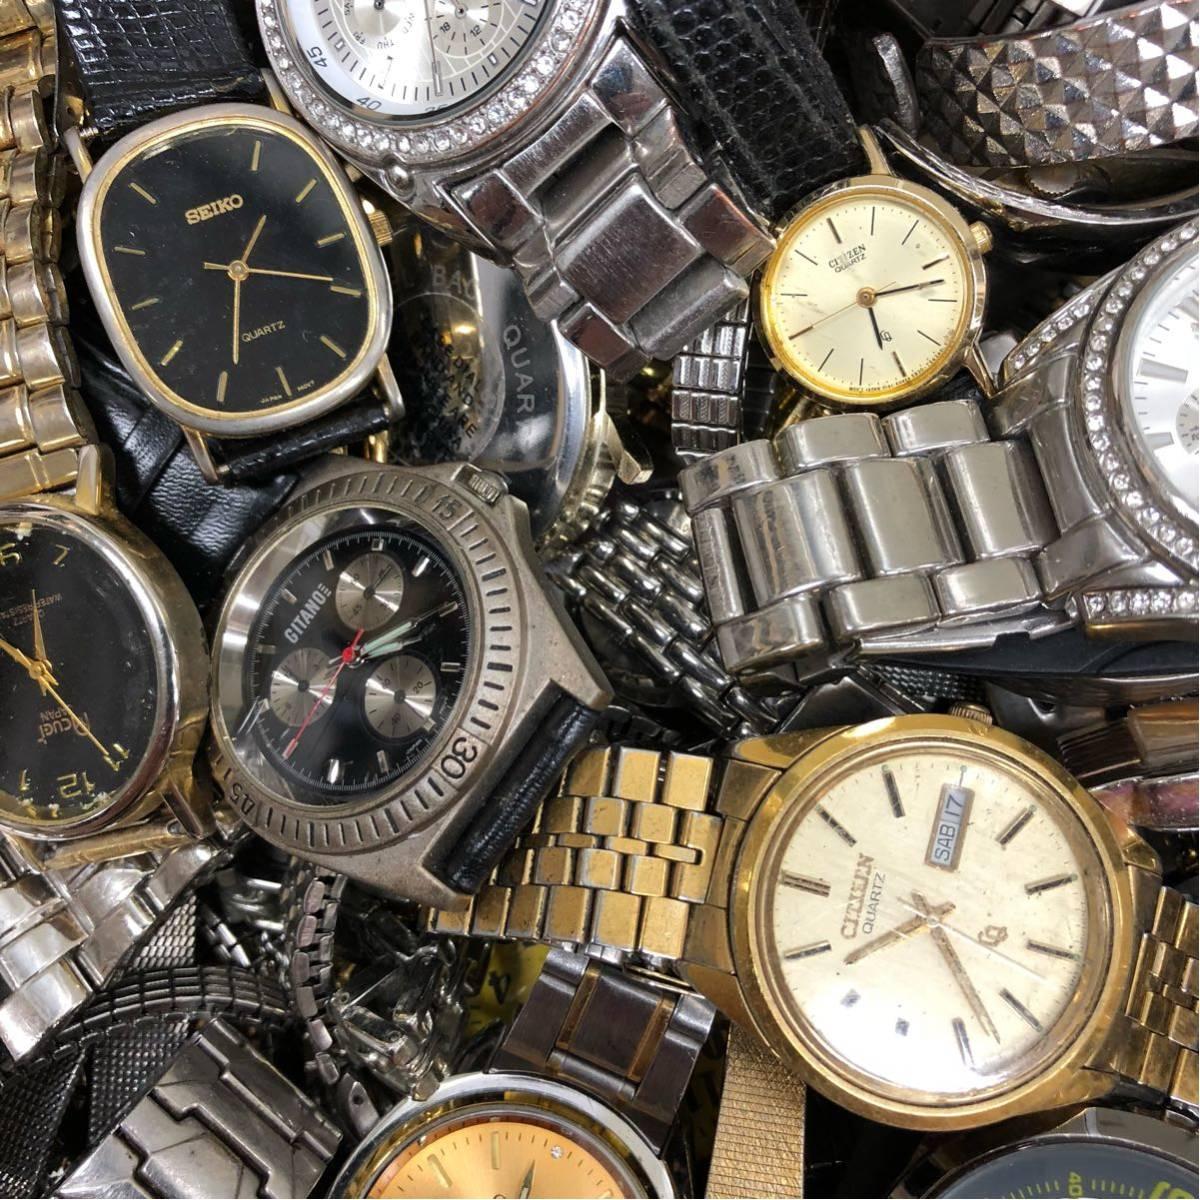 019 腕時計 300個以上 大量 まとめて ジャンク SEIKO GRUEN WALTHAM CITIZEN CASIO GUESS ELGIN WESTCLOX お宝あるかも_画像2